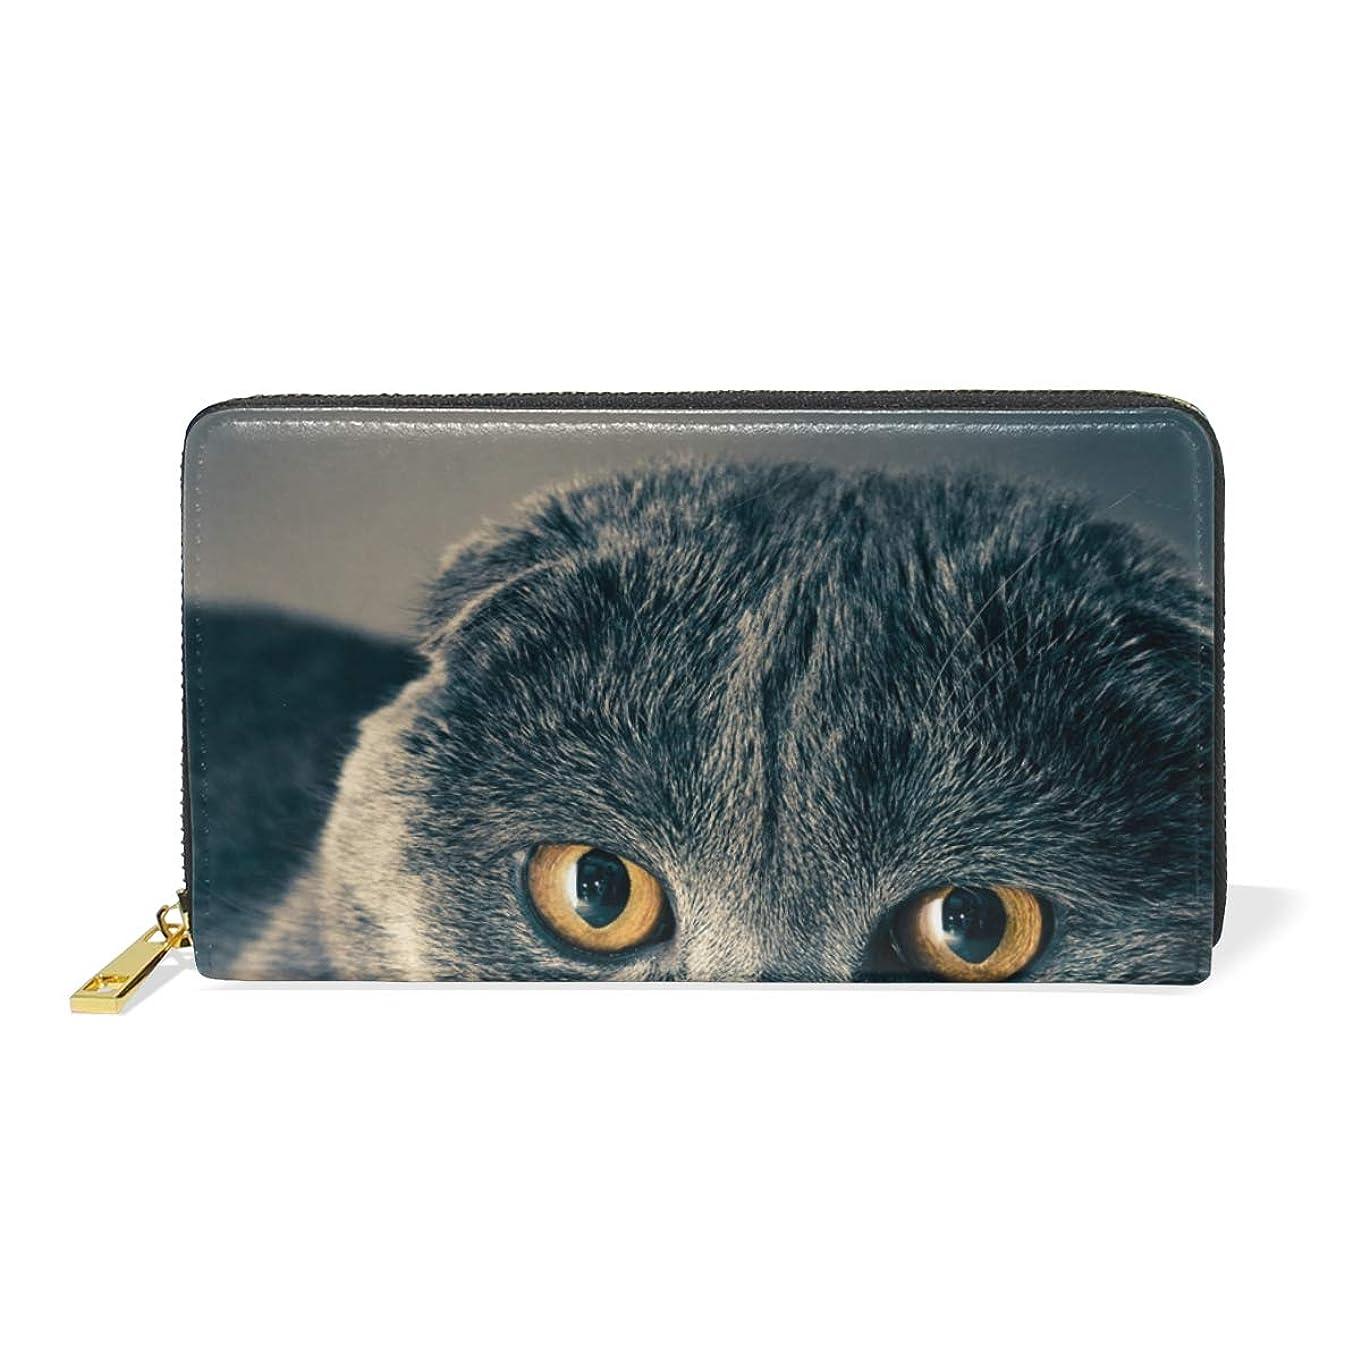 反対した服追放するAyuStyle 財布 長財布 レディース メンズ PU レザー ファスナー 小銭入れあり お札入れ カード入れ 二つ折り 大容量 可愛い 個性的 猫柄 ネコ 写真